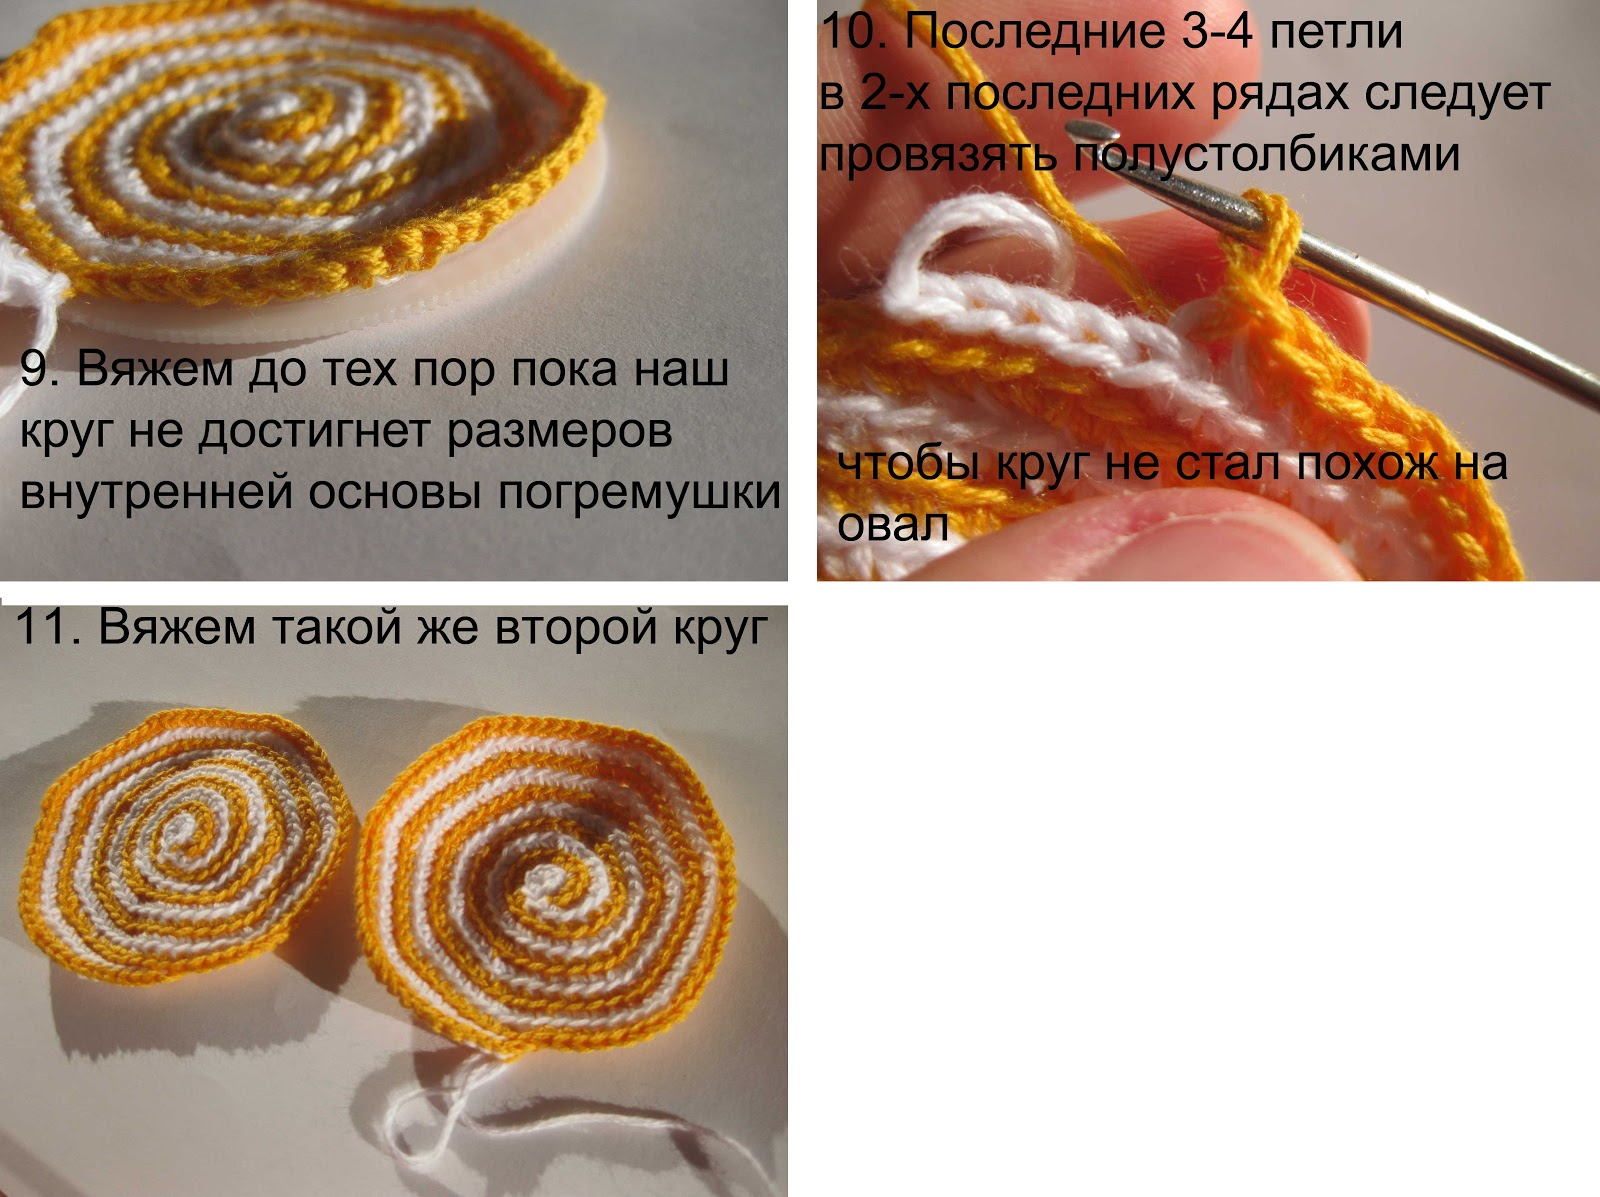 МК и идеи по вязанию спицами и крючком ВКонтакте 20